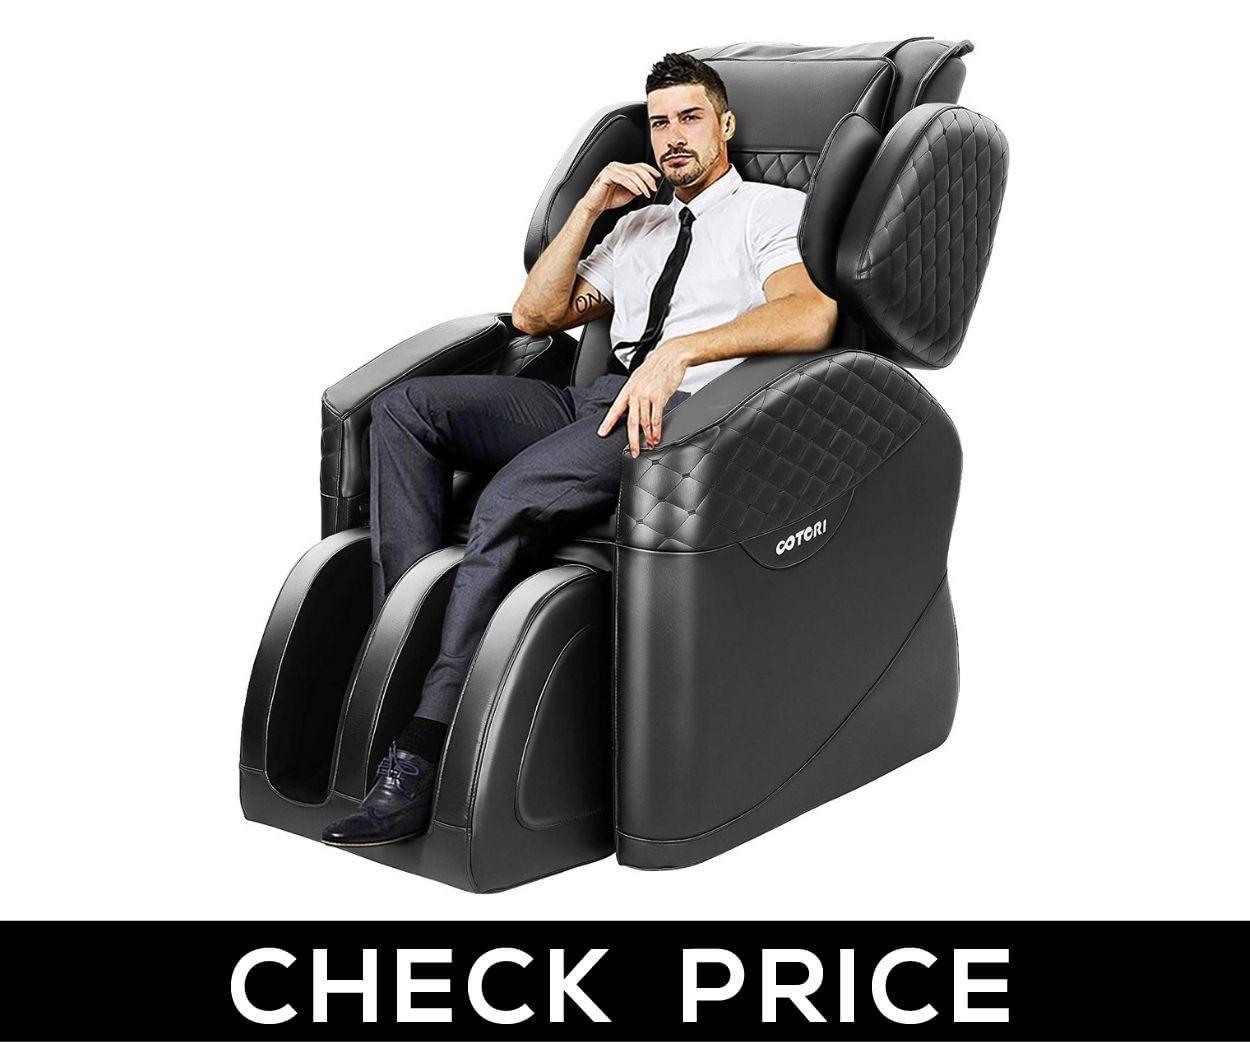 .TinyCooper - Best Zero Gravity Massage Chair under $1000